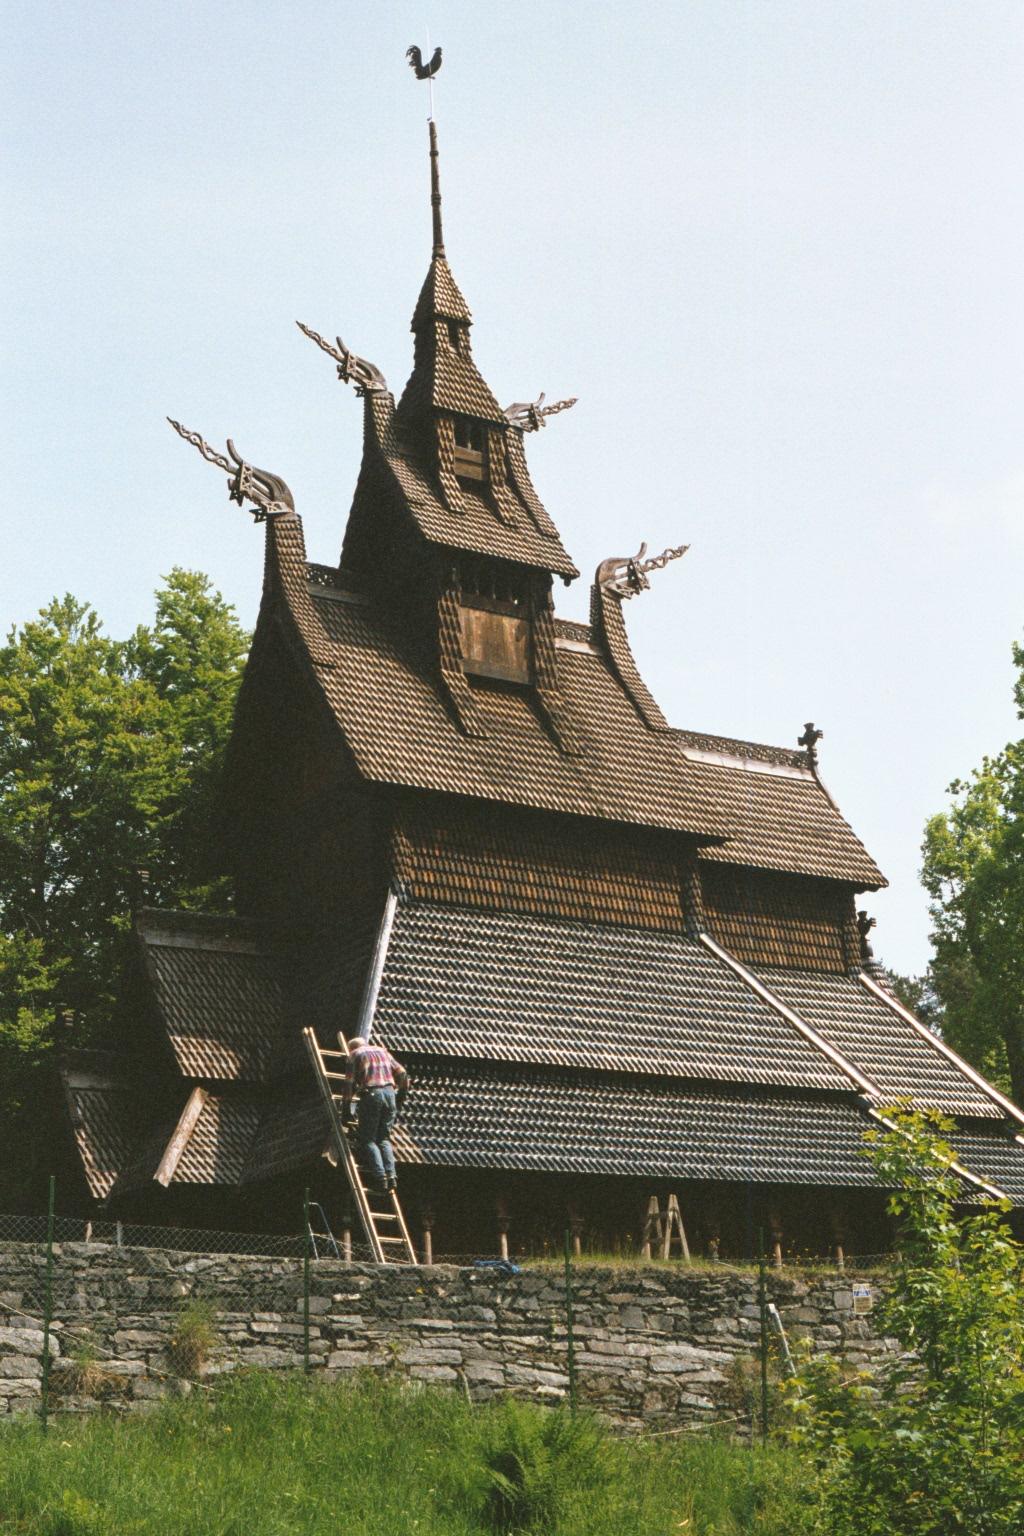 Fantoft Stavkirke – Koppantó